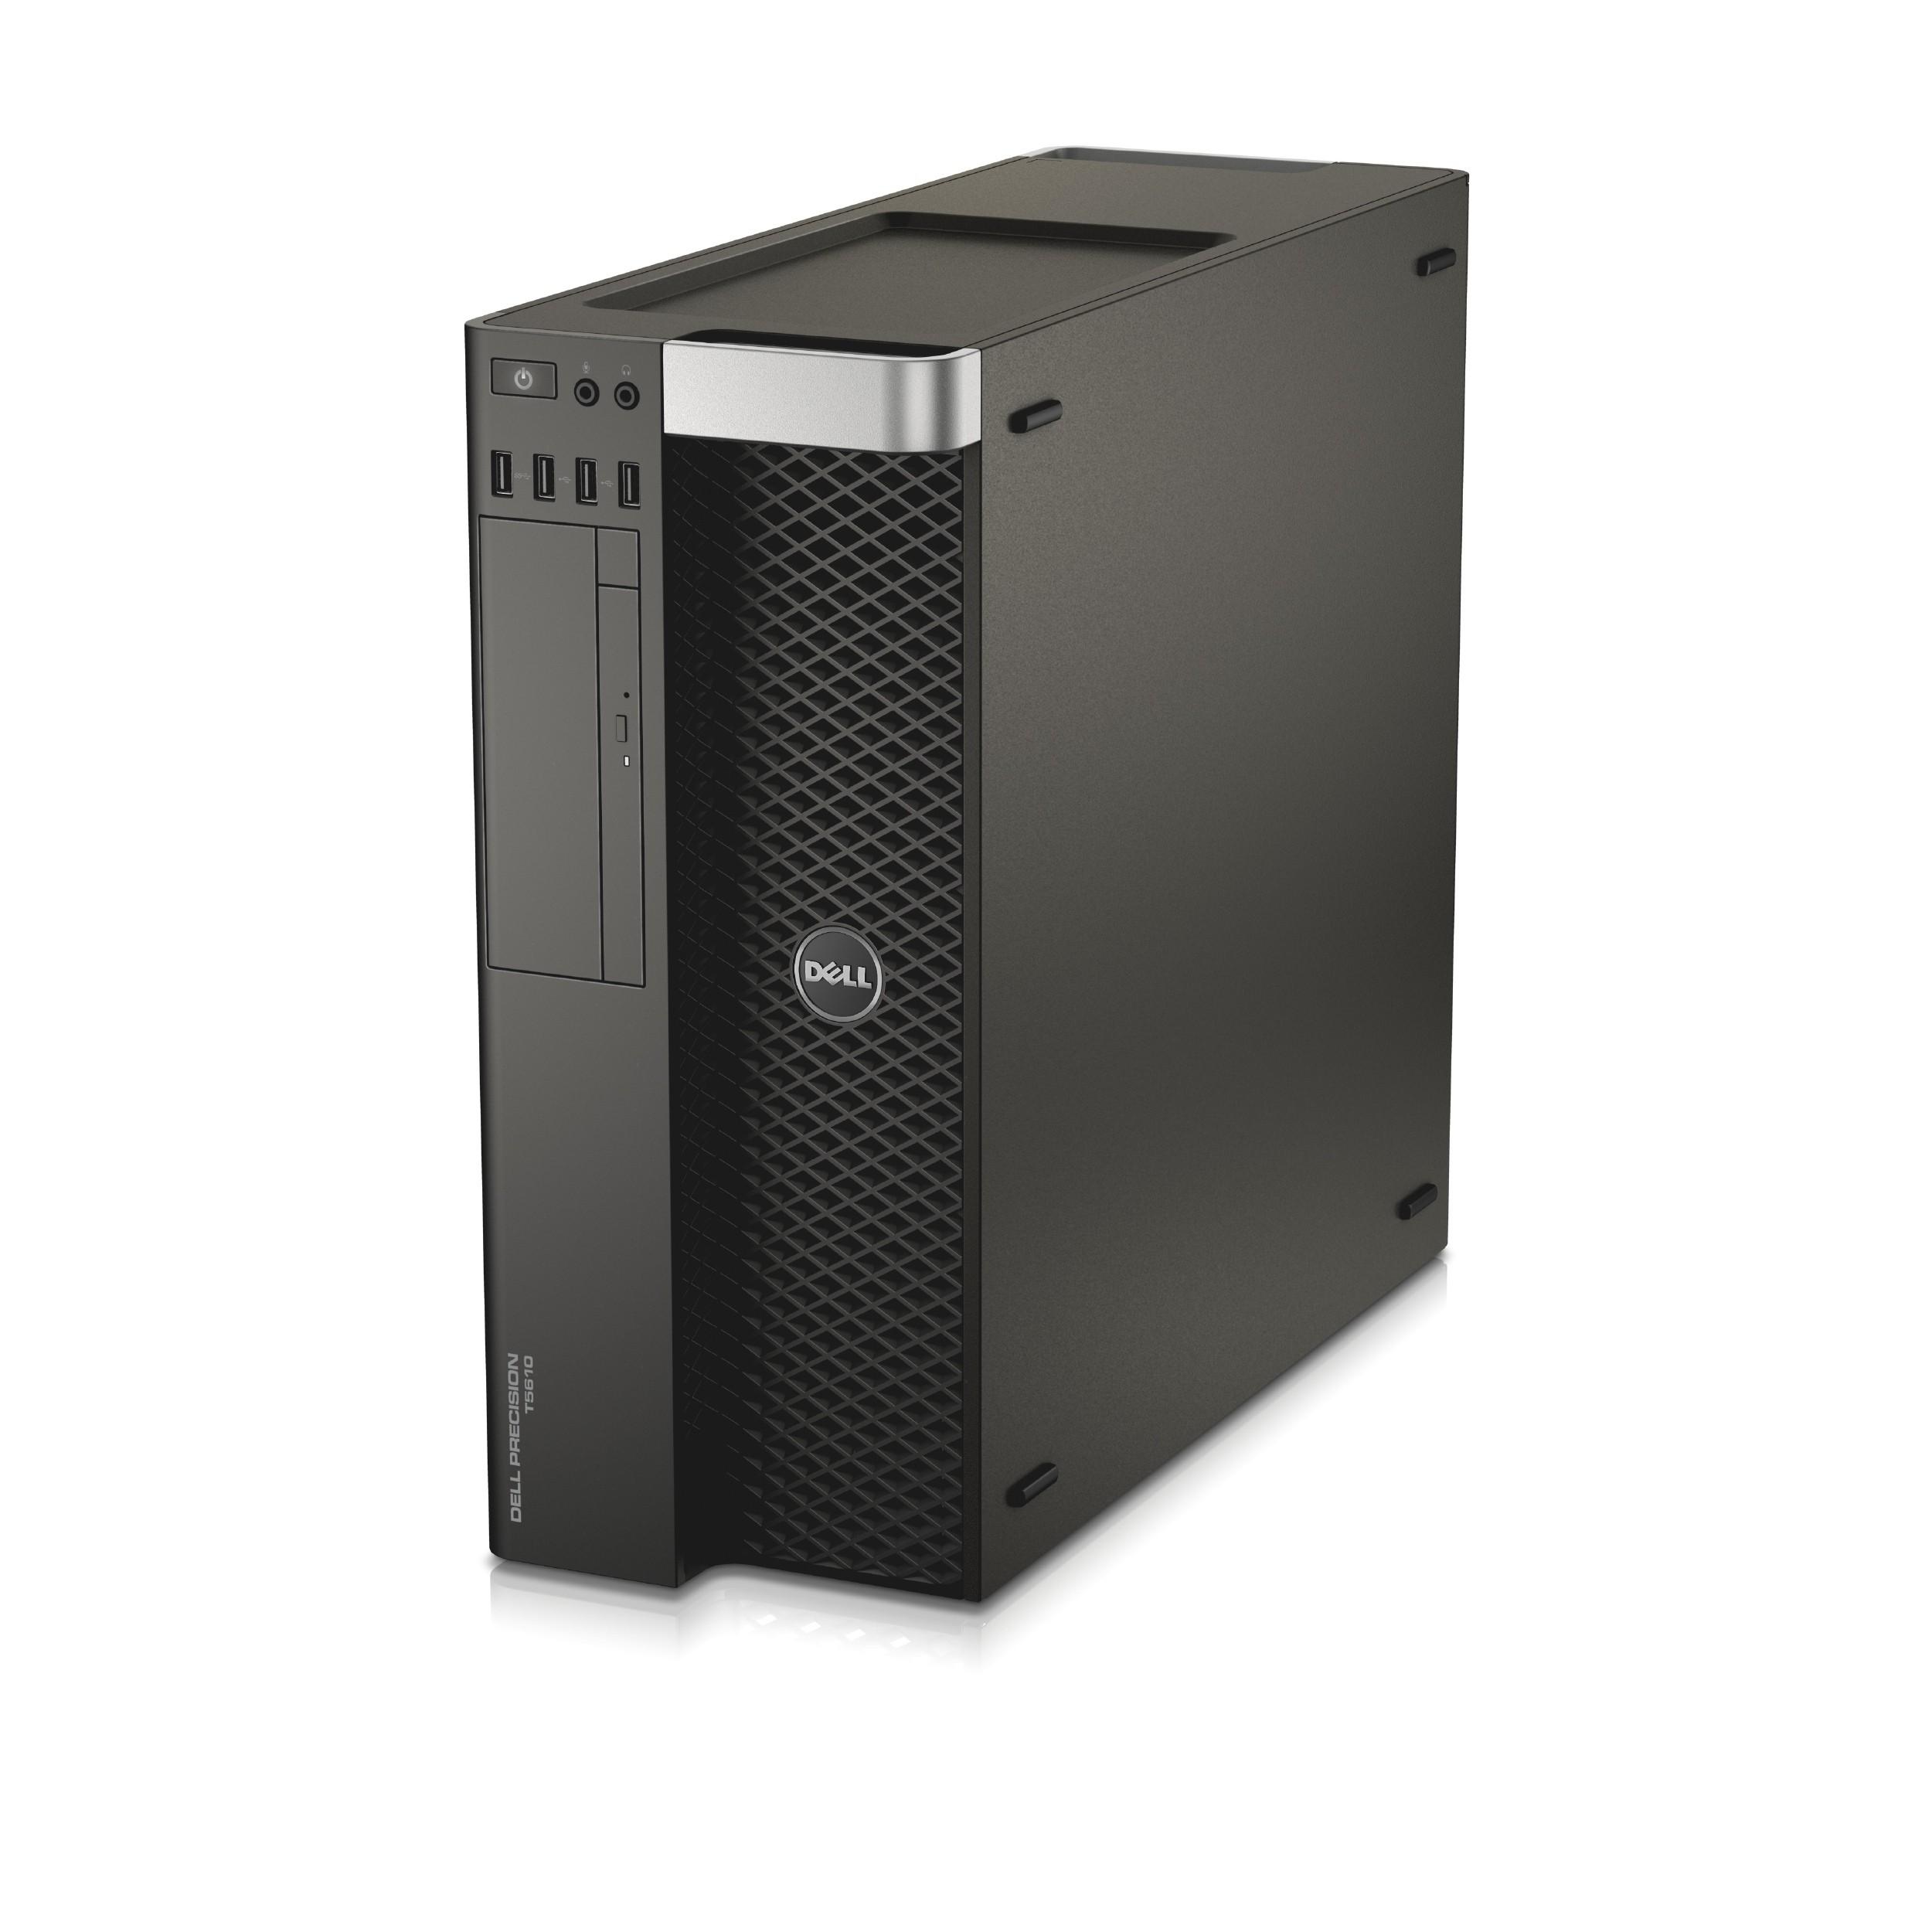 Dell Precision T5610 Workstation